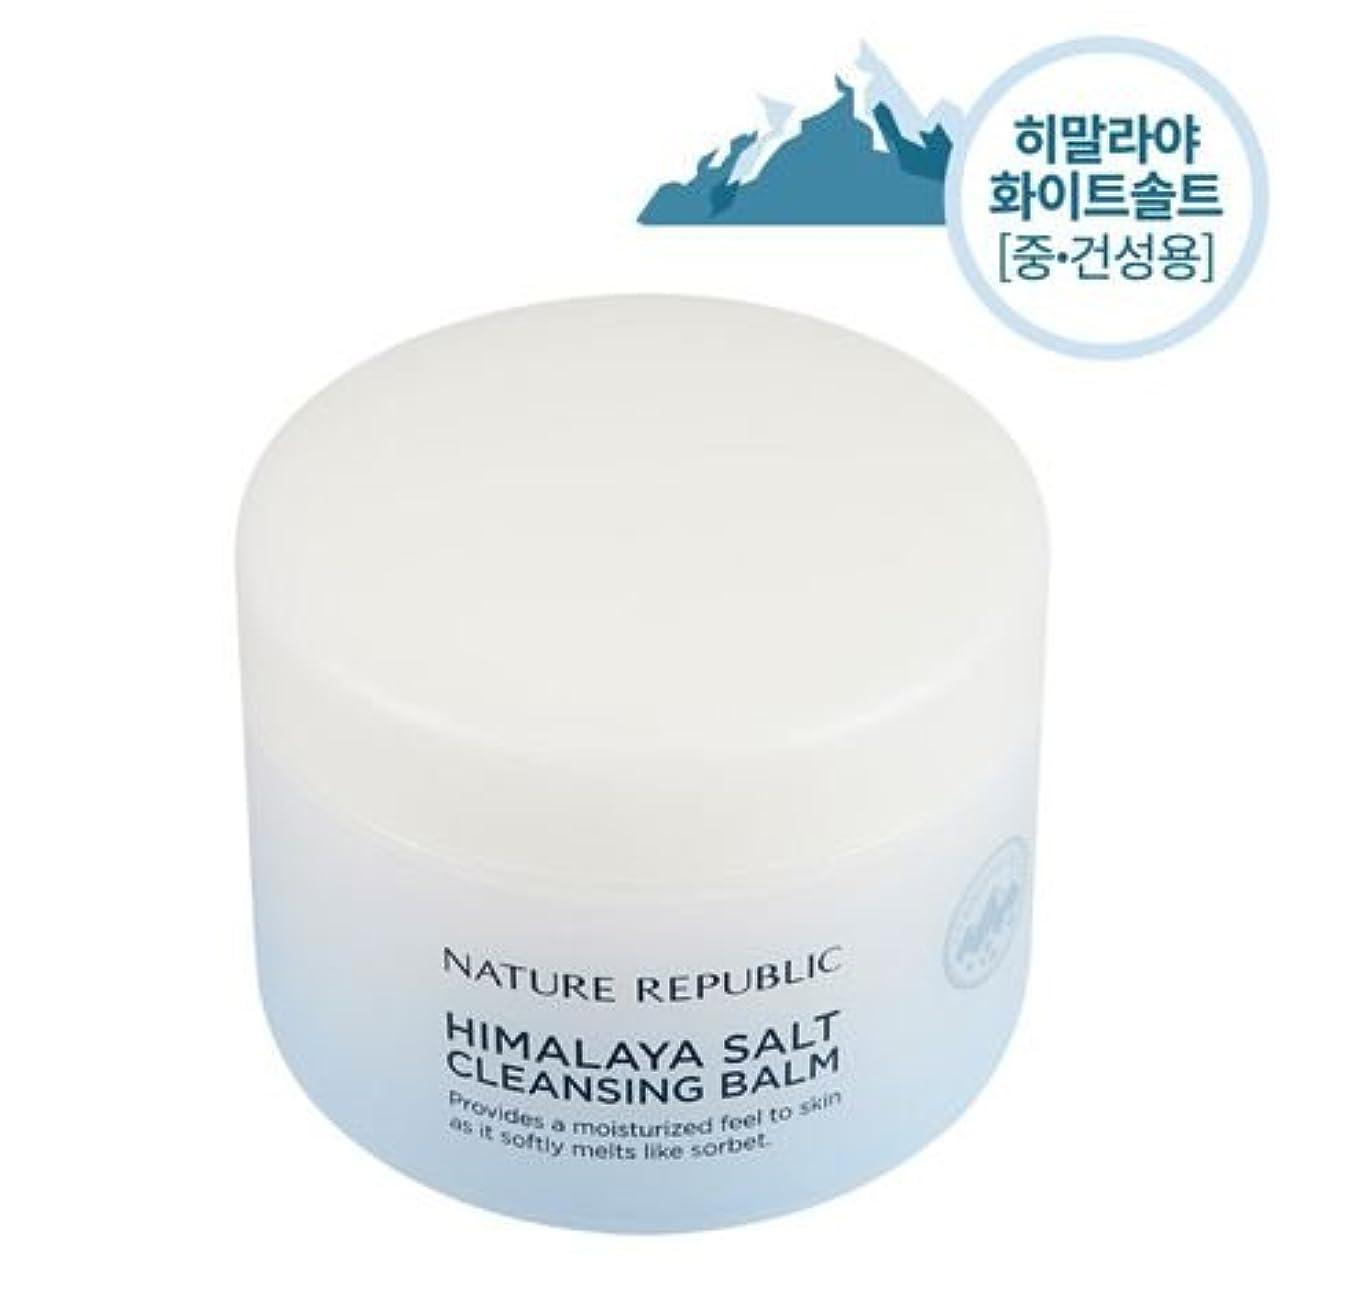 草反動あらゆる種類のNATURE REPUBLIC Himalaya salt cleansing balm (white salt)ヒマラヤソルトクレンジングバーム(white salt) [並行輸入品]